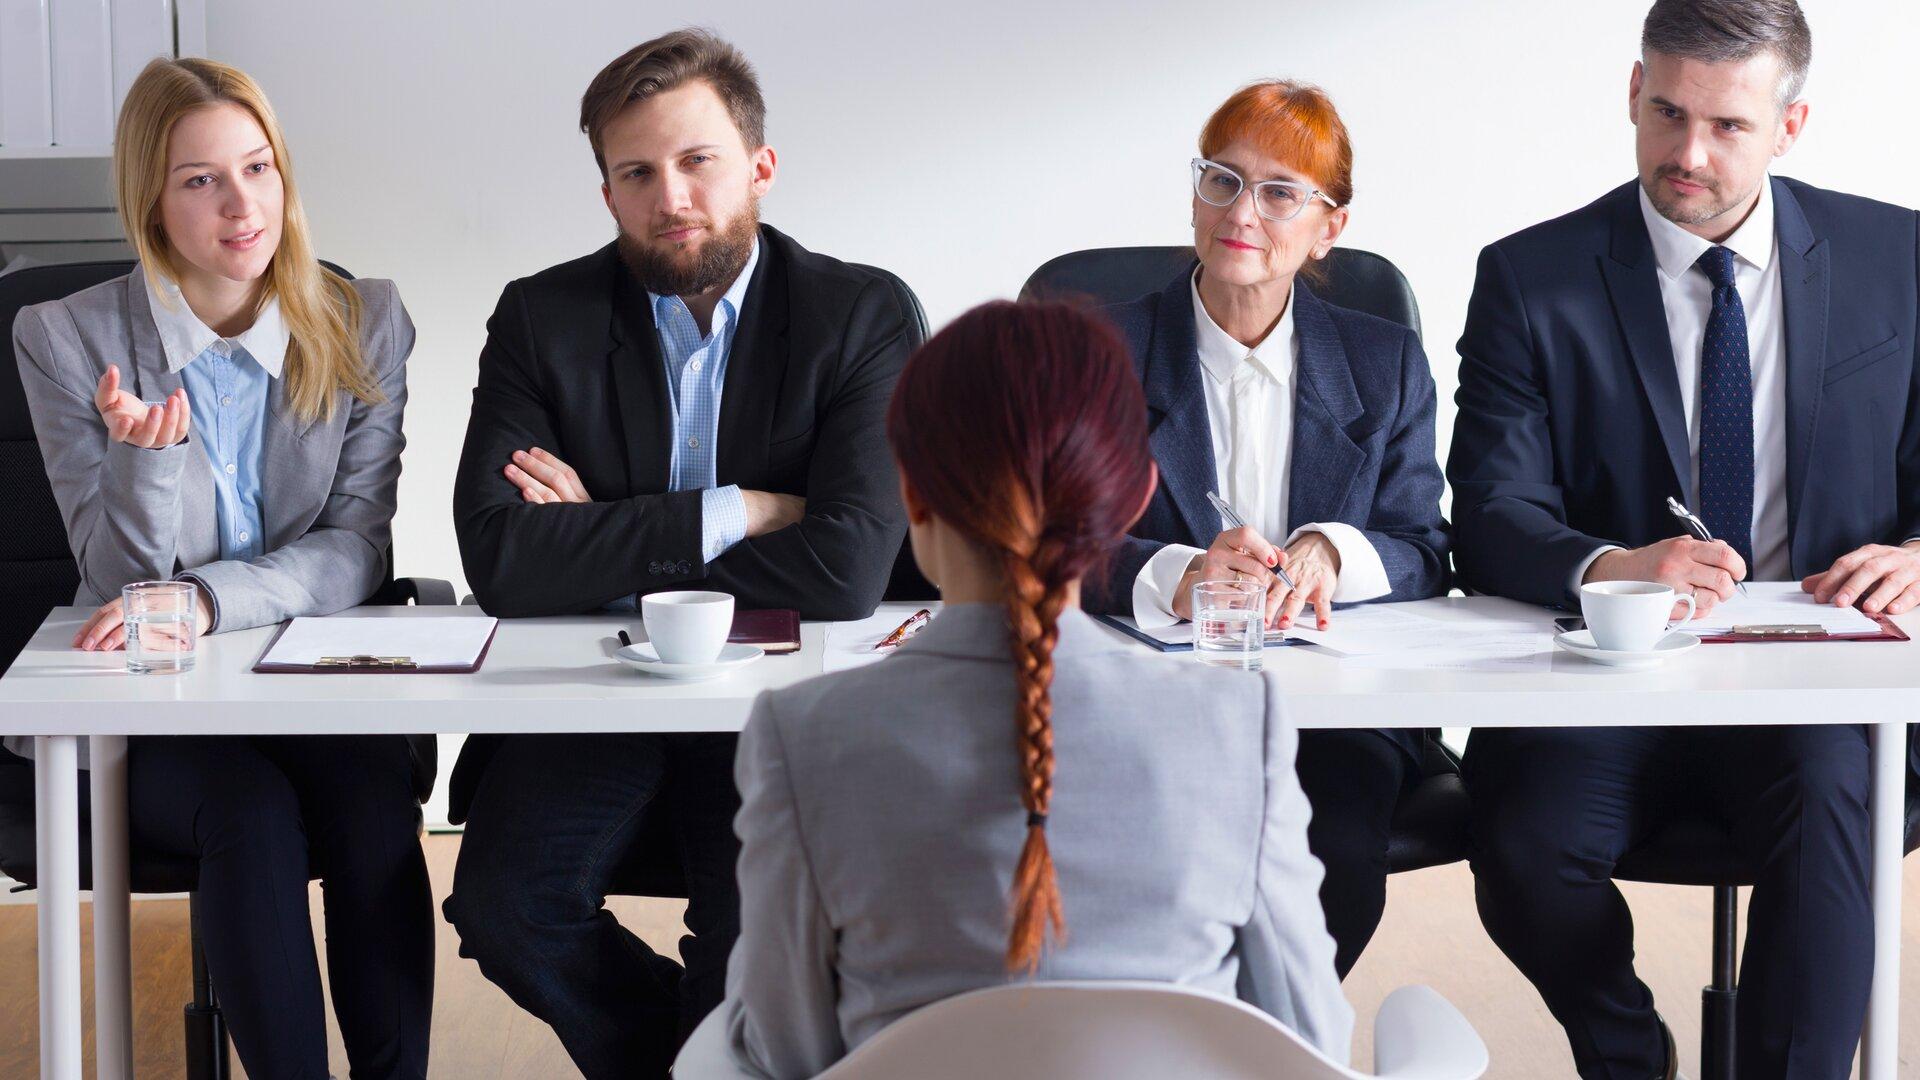 Zdjęcie przedstawia kilka postaci siedzących przy biurku. Wszyscy są ubrani elegancko. Naprzeciwko widza siedzą cztery osoby – dwie kobiety idwóch mężczyzn. Rozmawiają zkobietą siedzącą po drugiej stronie biurka. Ma kasztanowe włosy zaplecione wwarkocz iszarą marynarkę. Najprawdopodobniej zdjęcie przedstawia rozmowę kwalifikacyjną.